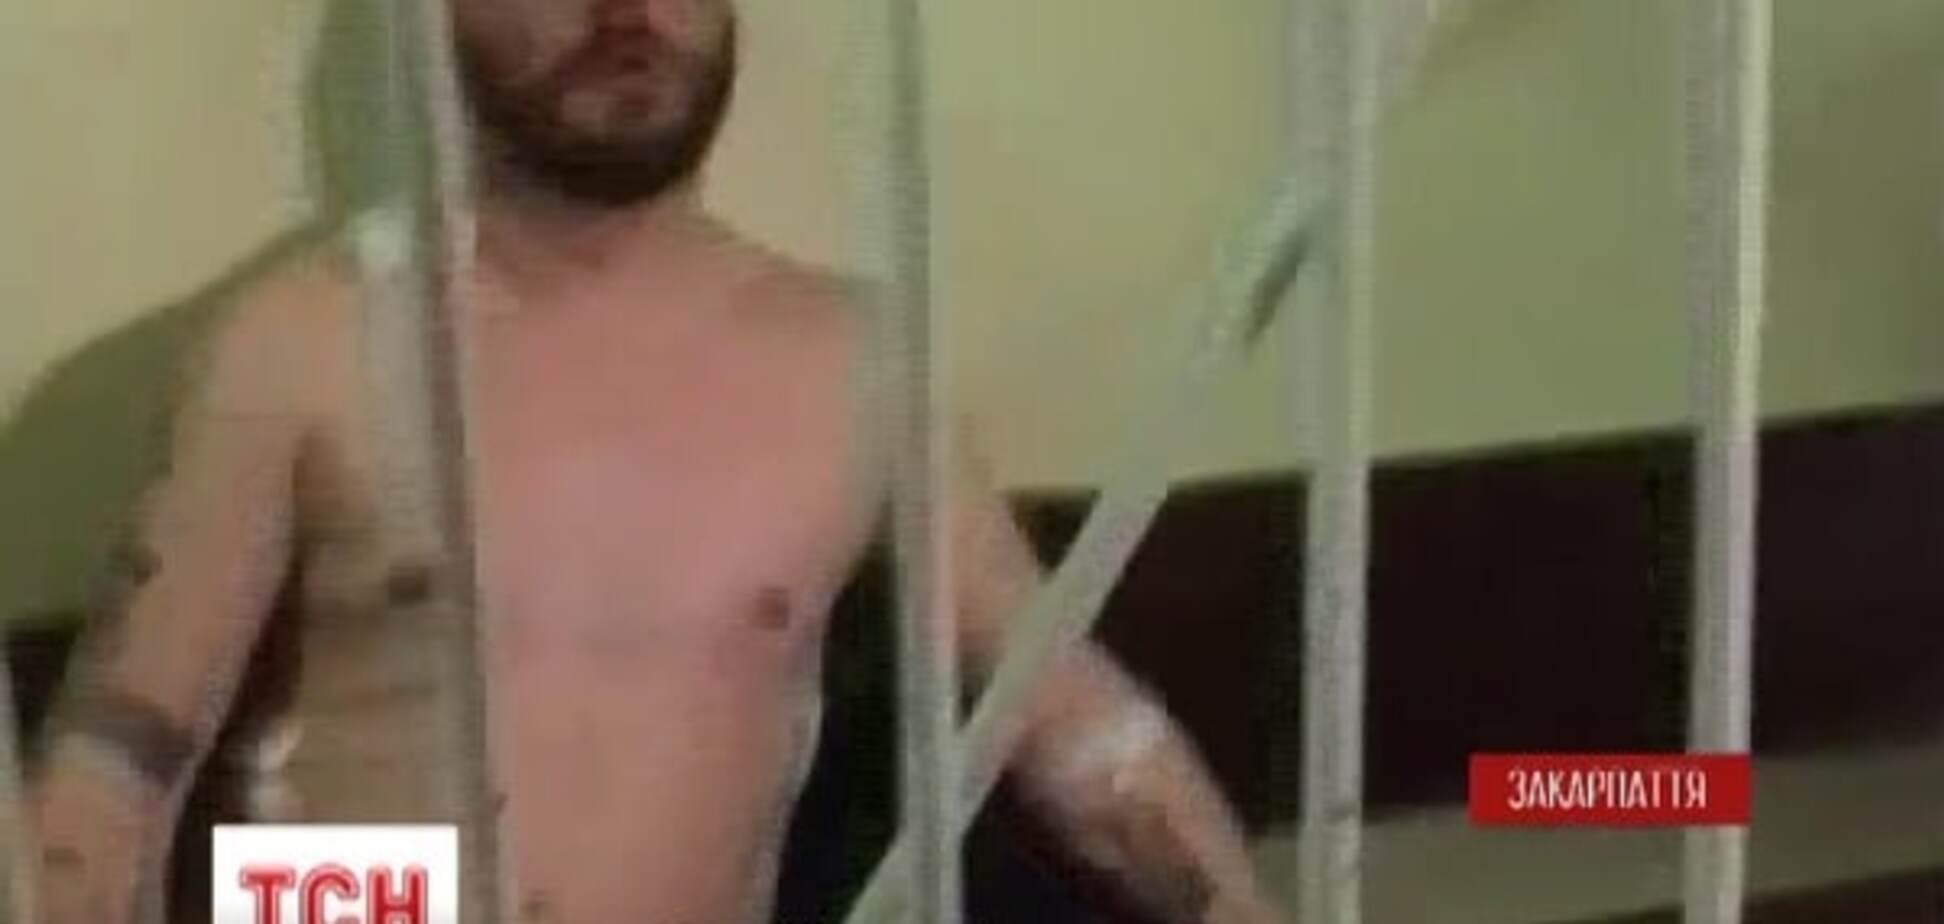 Бійка на Драгобраті: підозрювані попросили про медичну допомогу